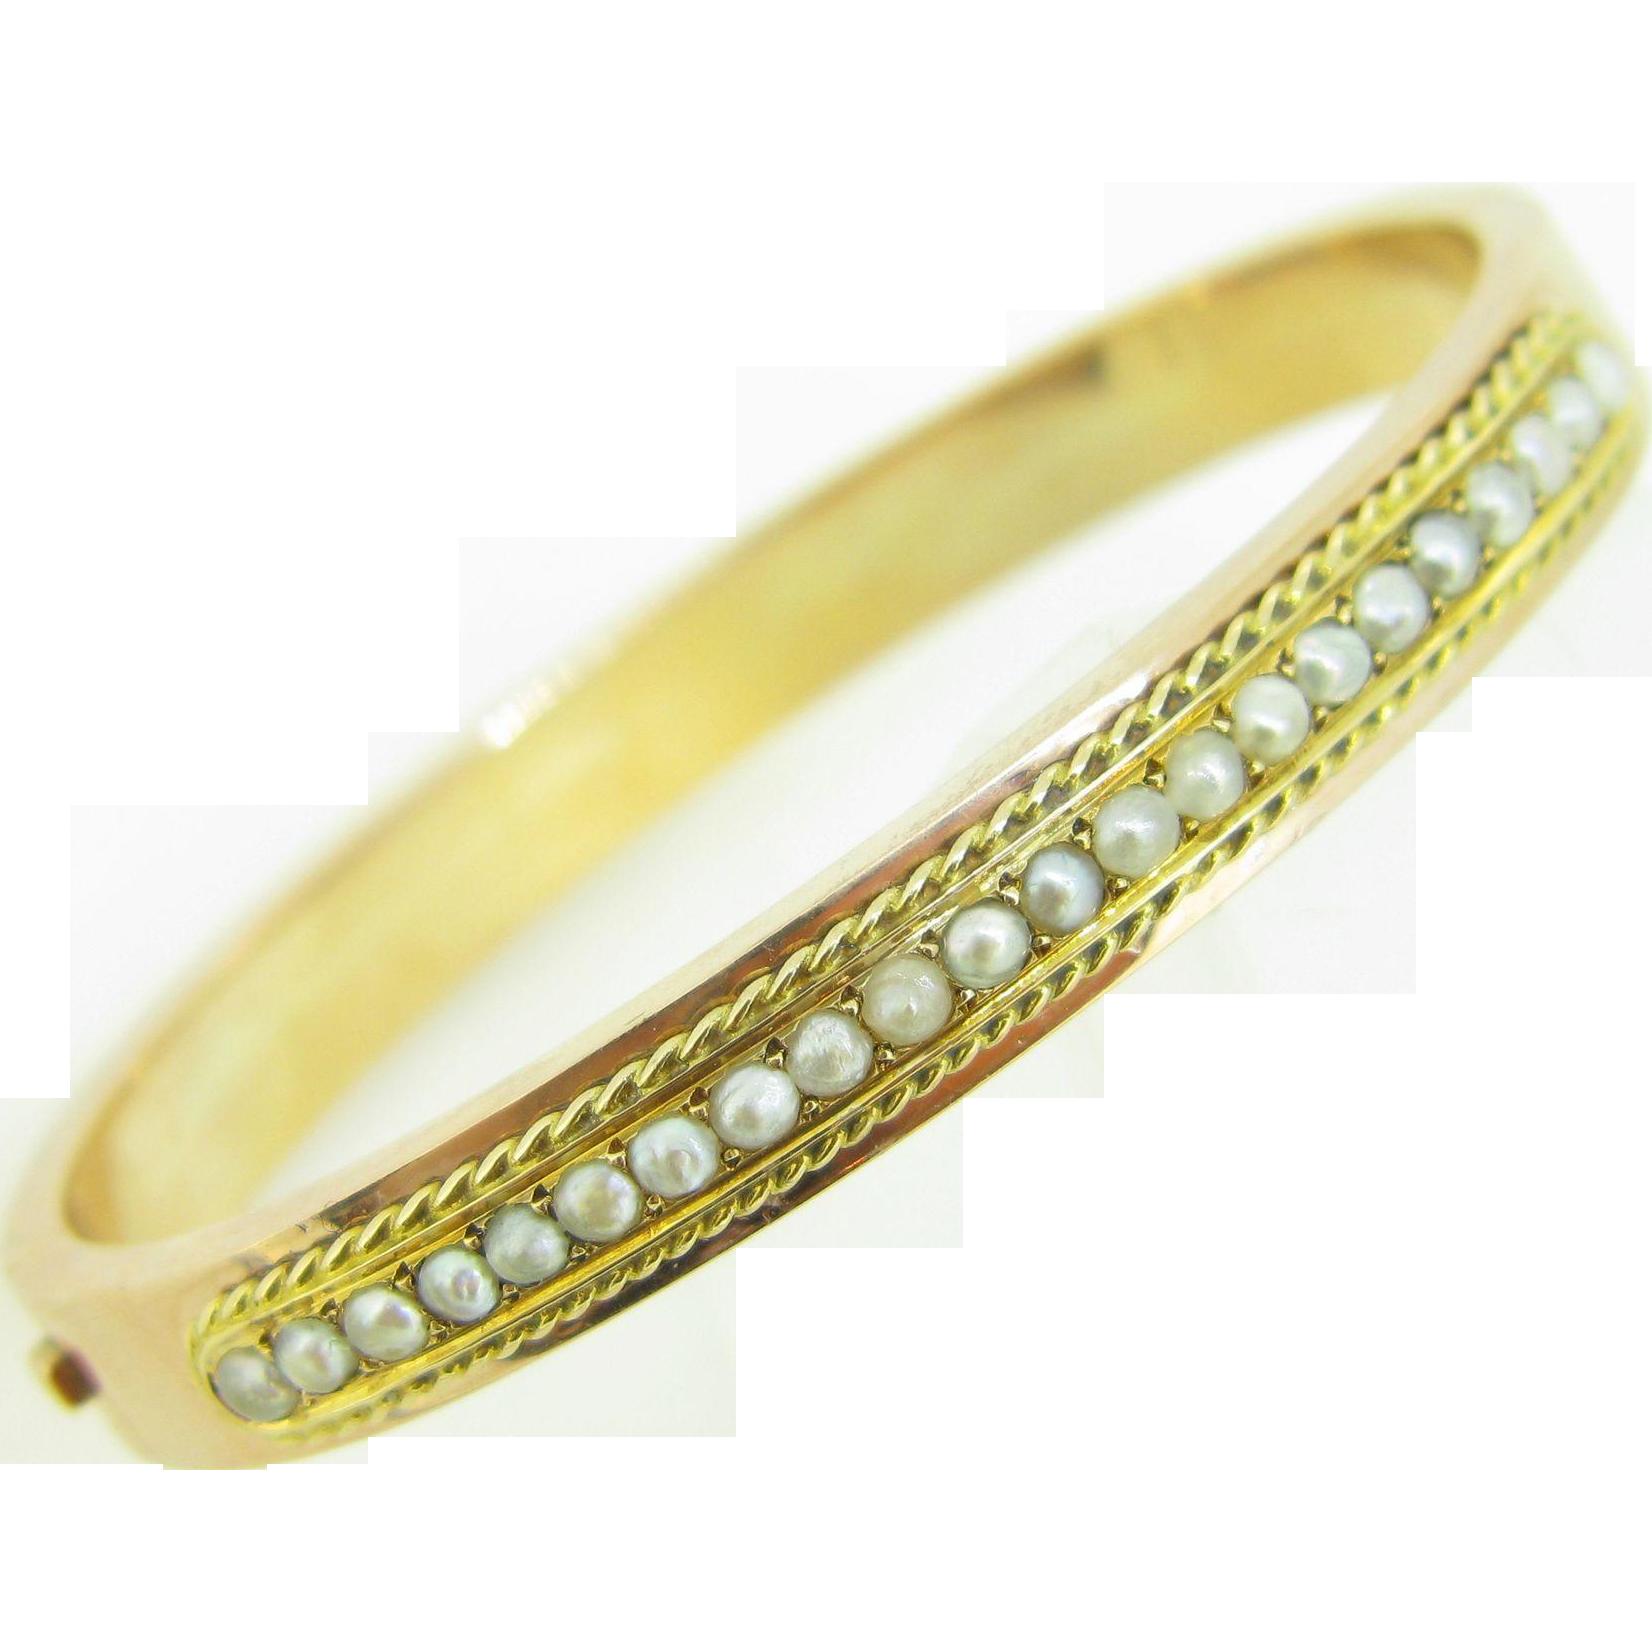 Antique Pearls bangle, 18kt rose gold, c.1880